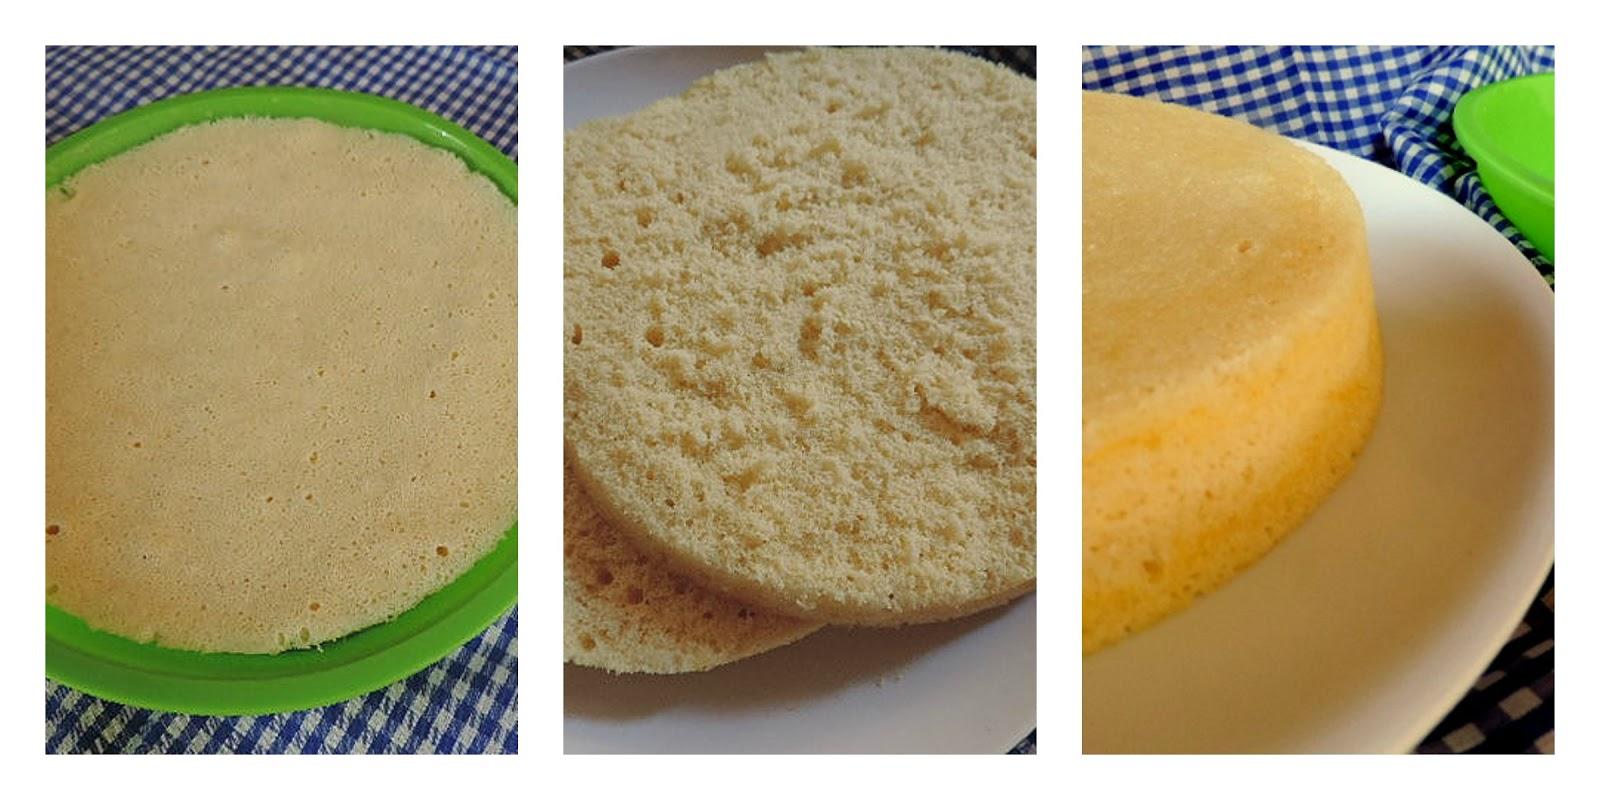 Marronglac bizcocho genov s al microondas - Bizcocho microondas 3 minutos ...